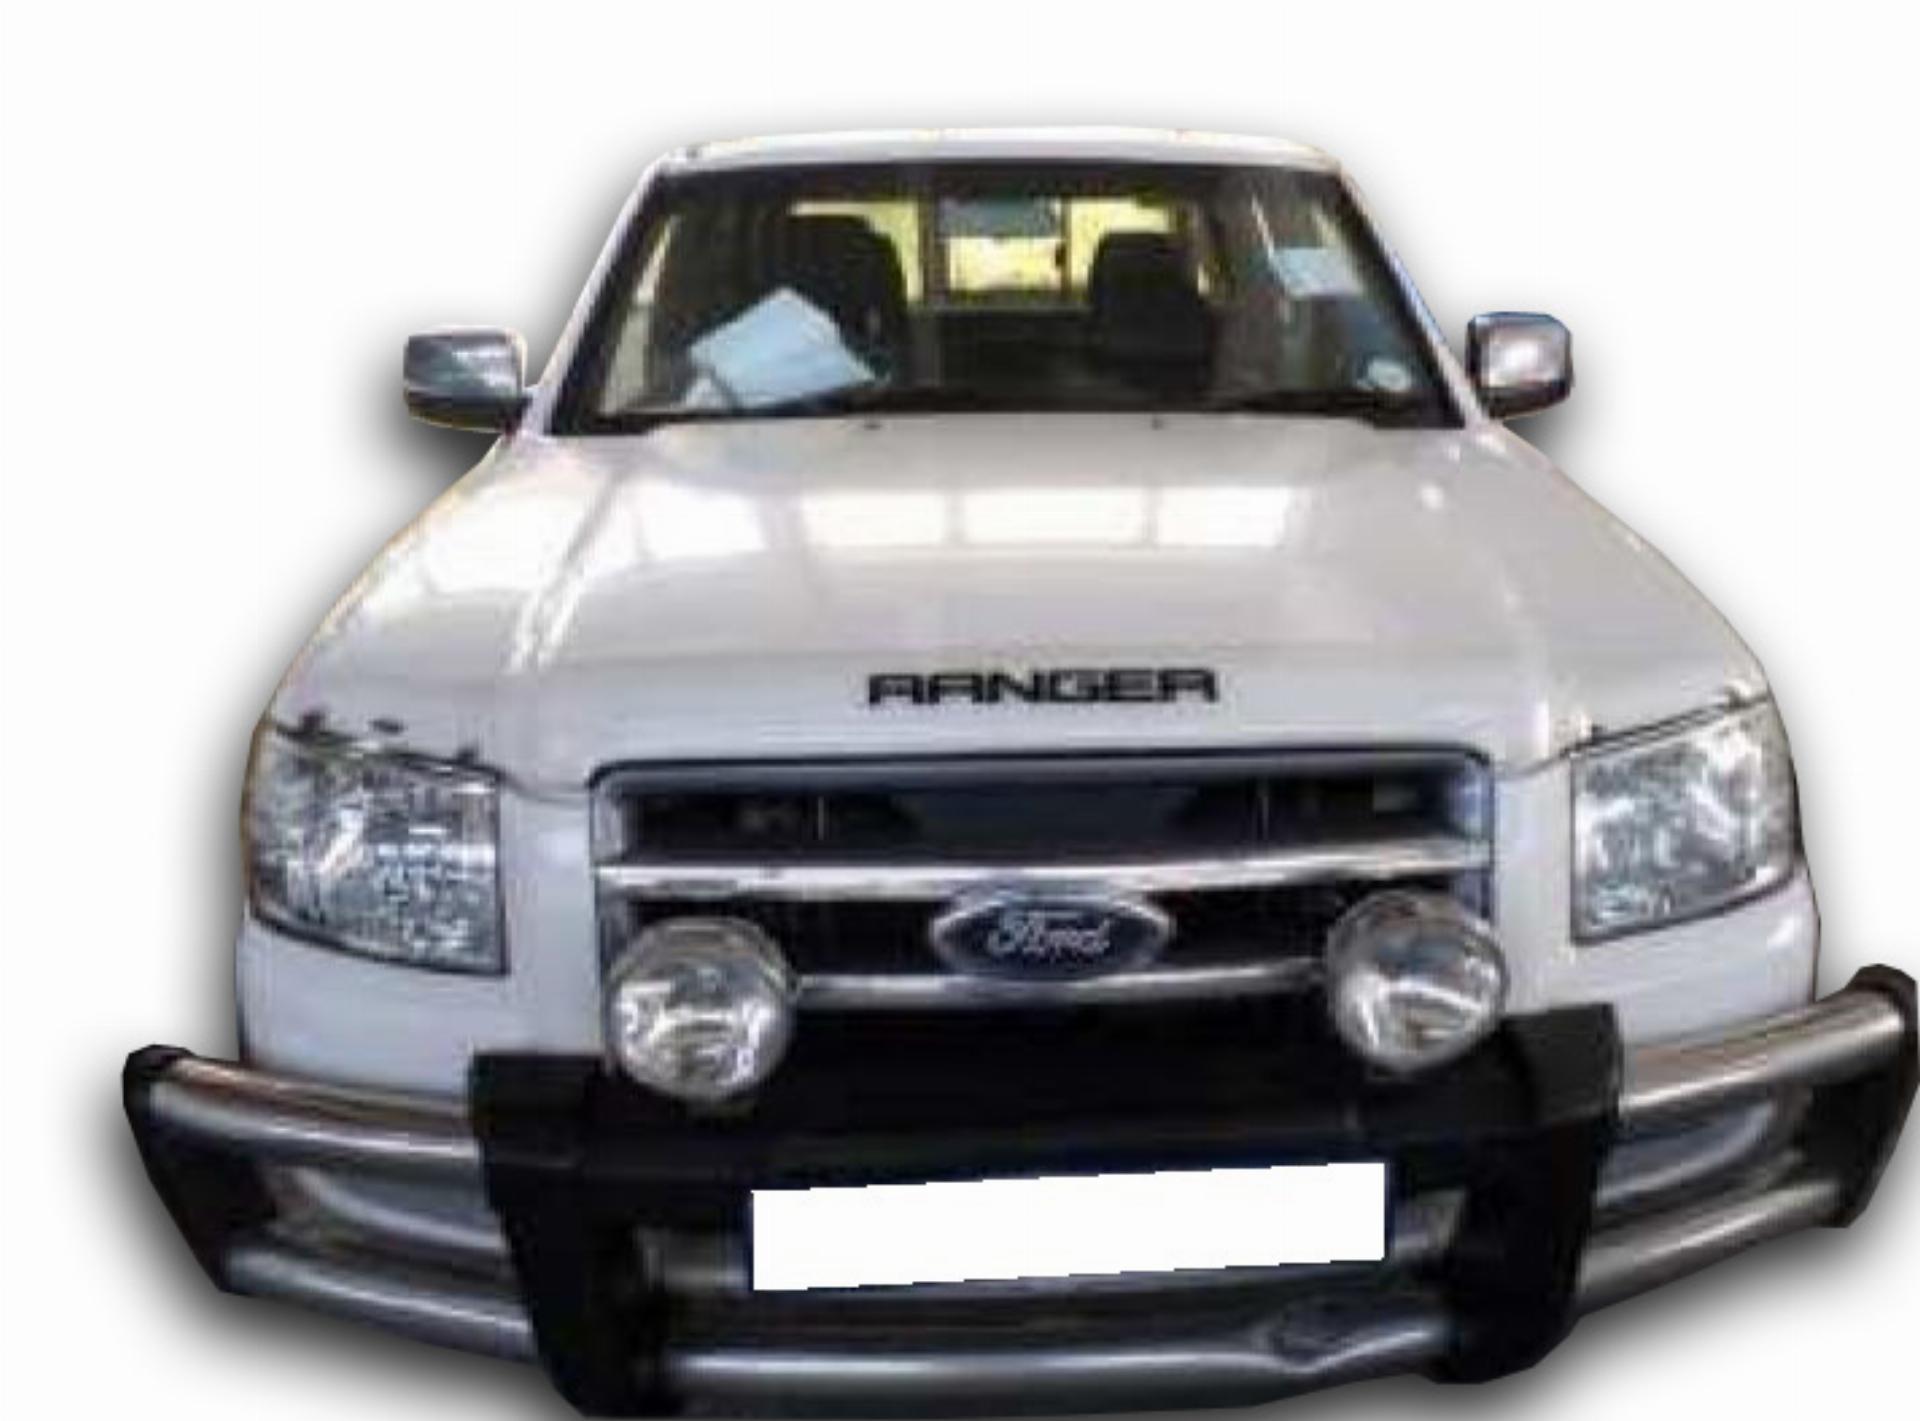 Ford Ranger 3.0 Tdci HI